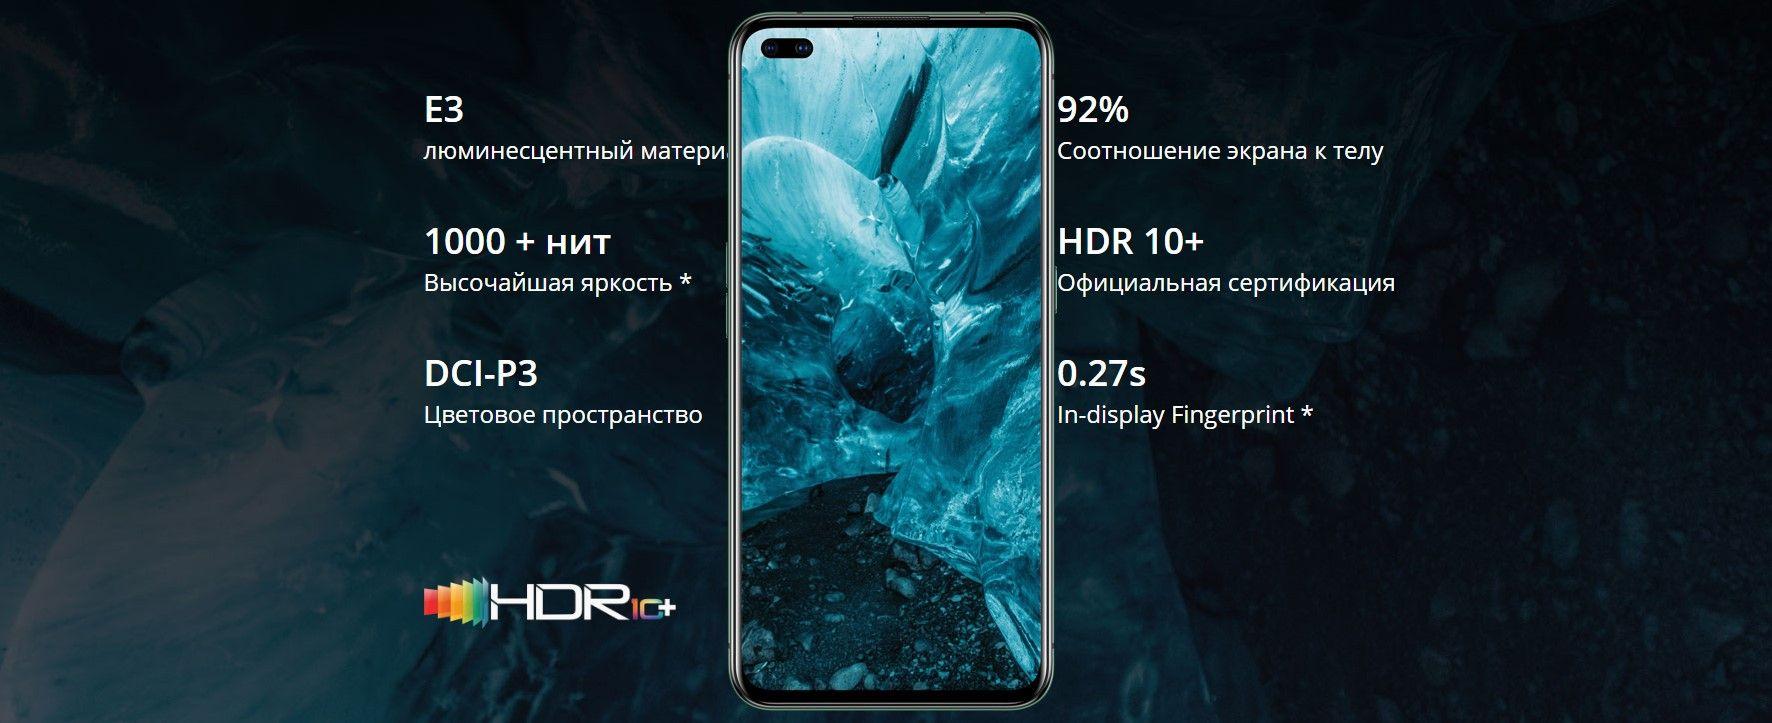 Realme X50 Pro характеристики экрана